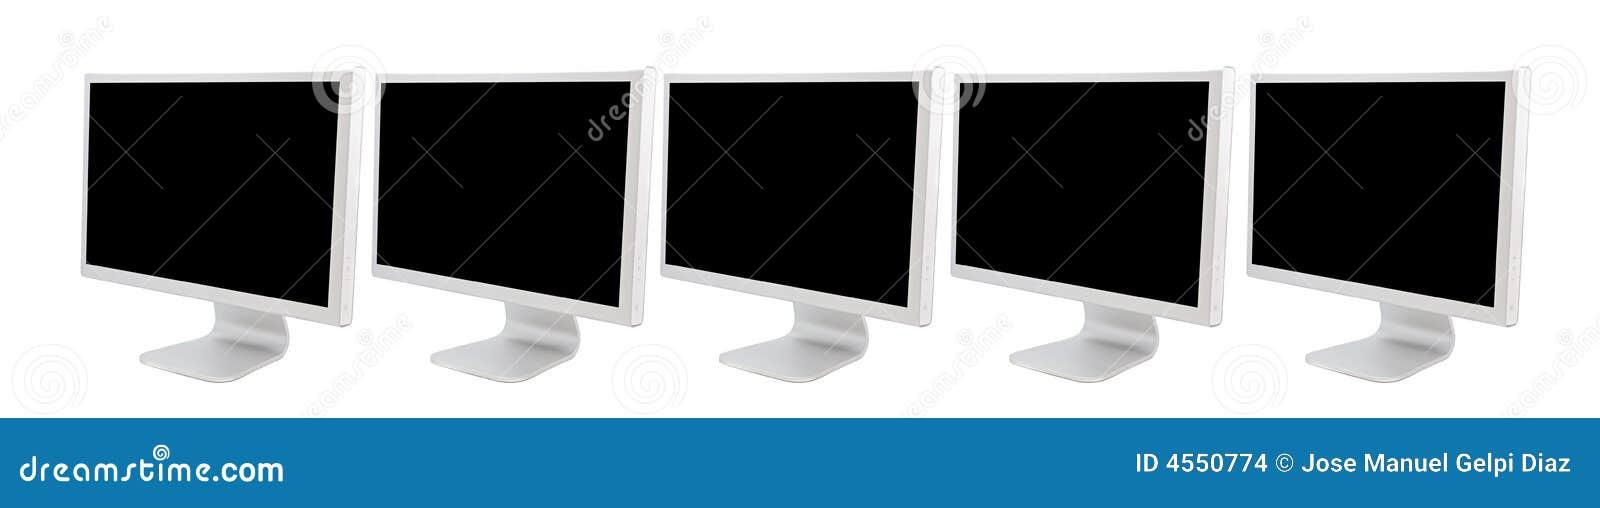 Monitors van computers